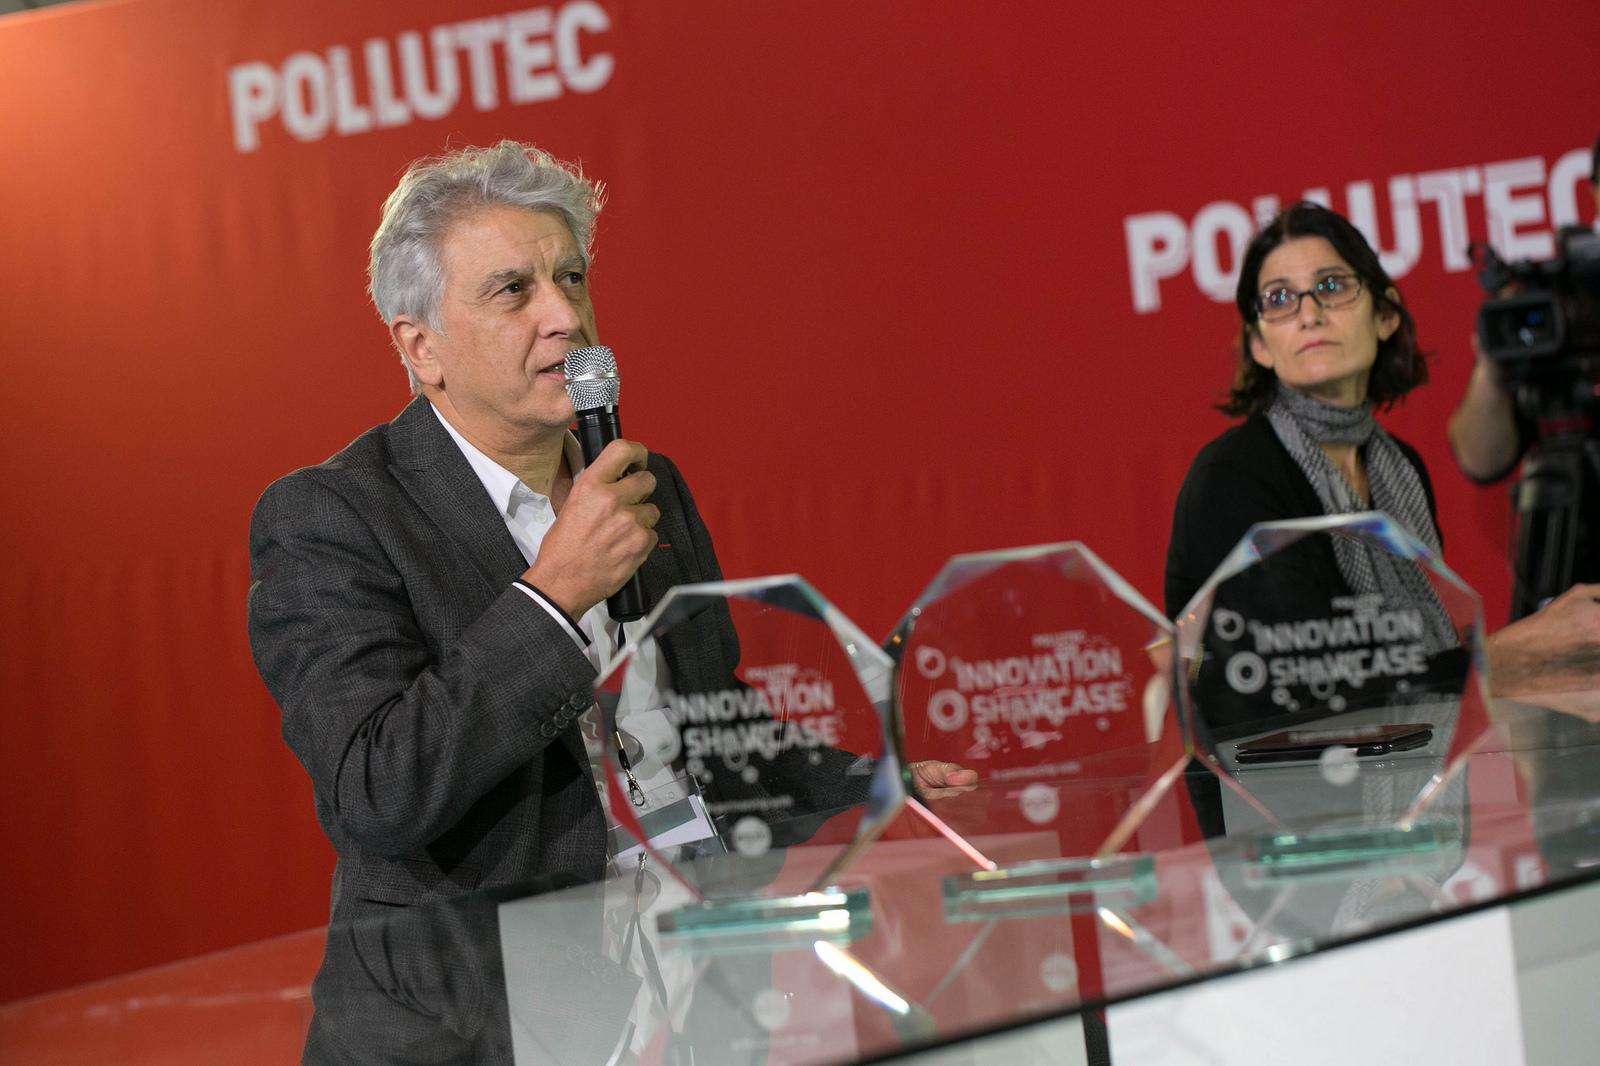 http://www.pollutec.com/innovation/vitrine-innovation/